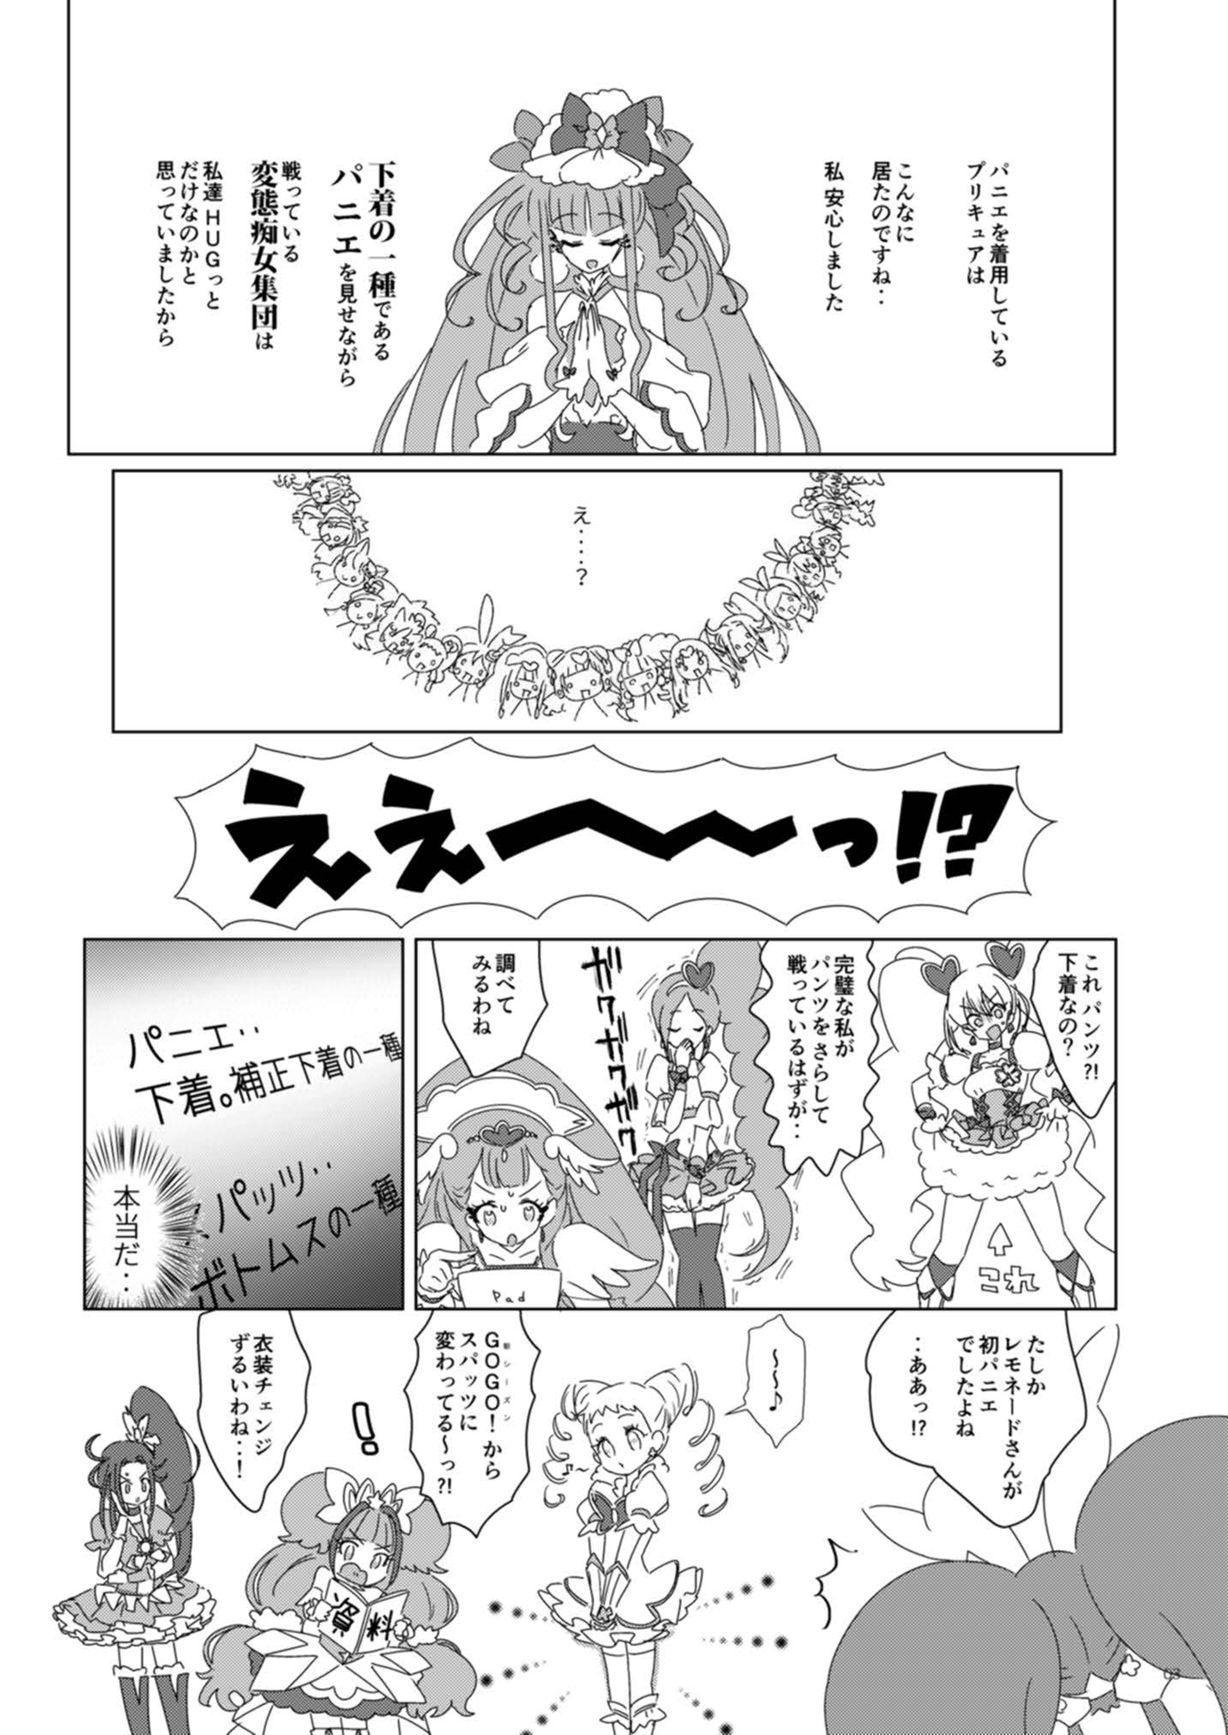 Pantsu Dakara Hazukashiimon! 2